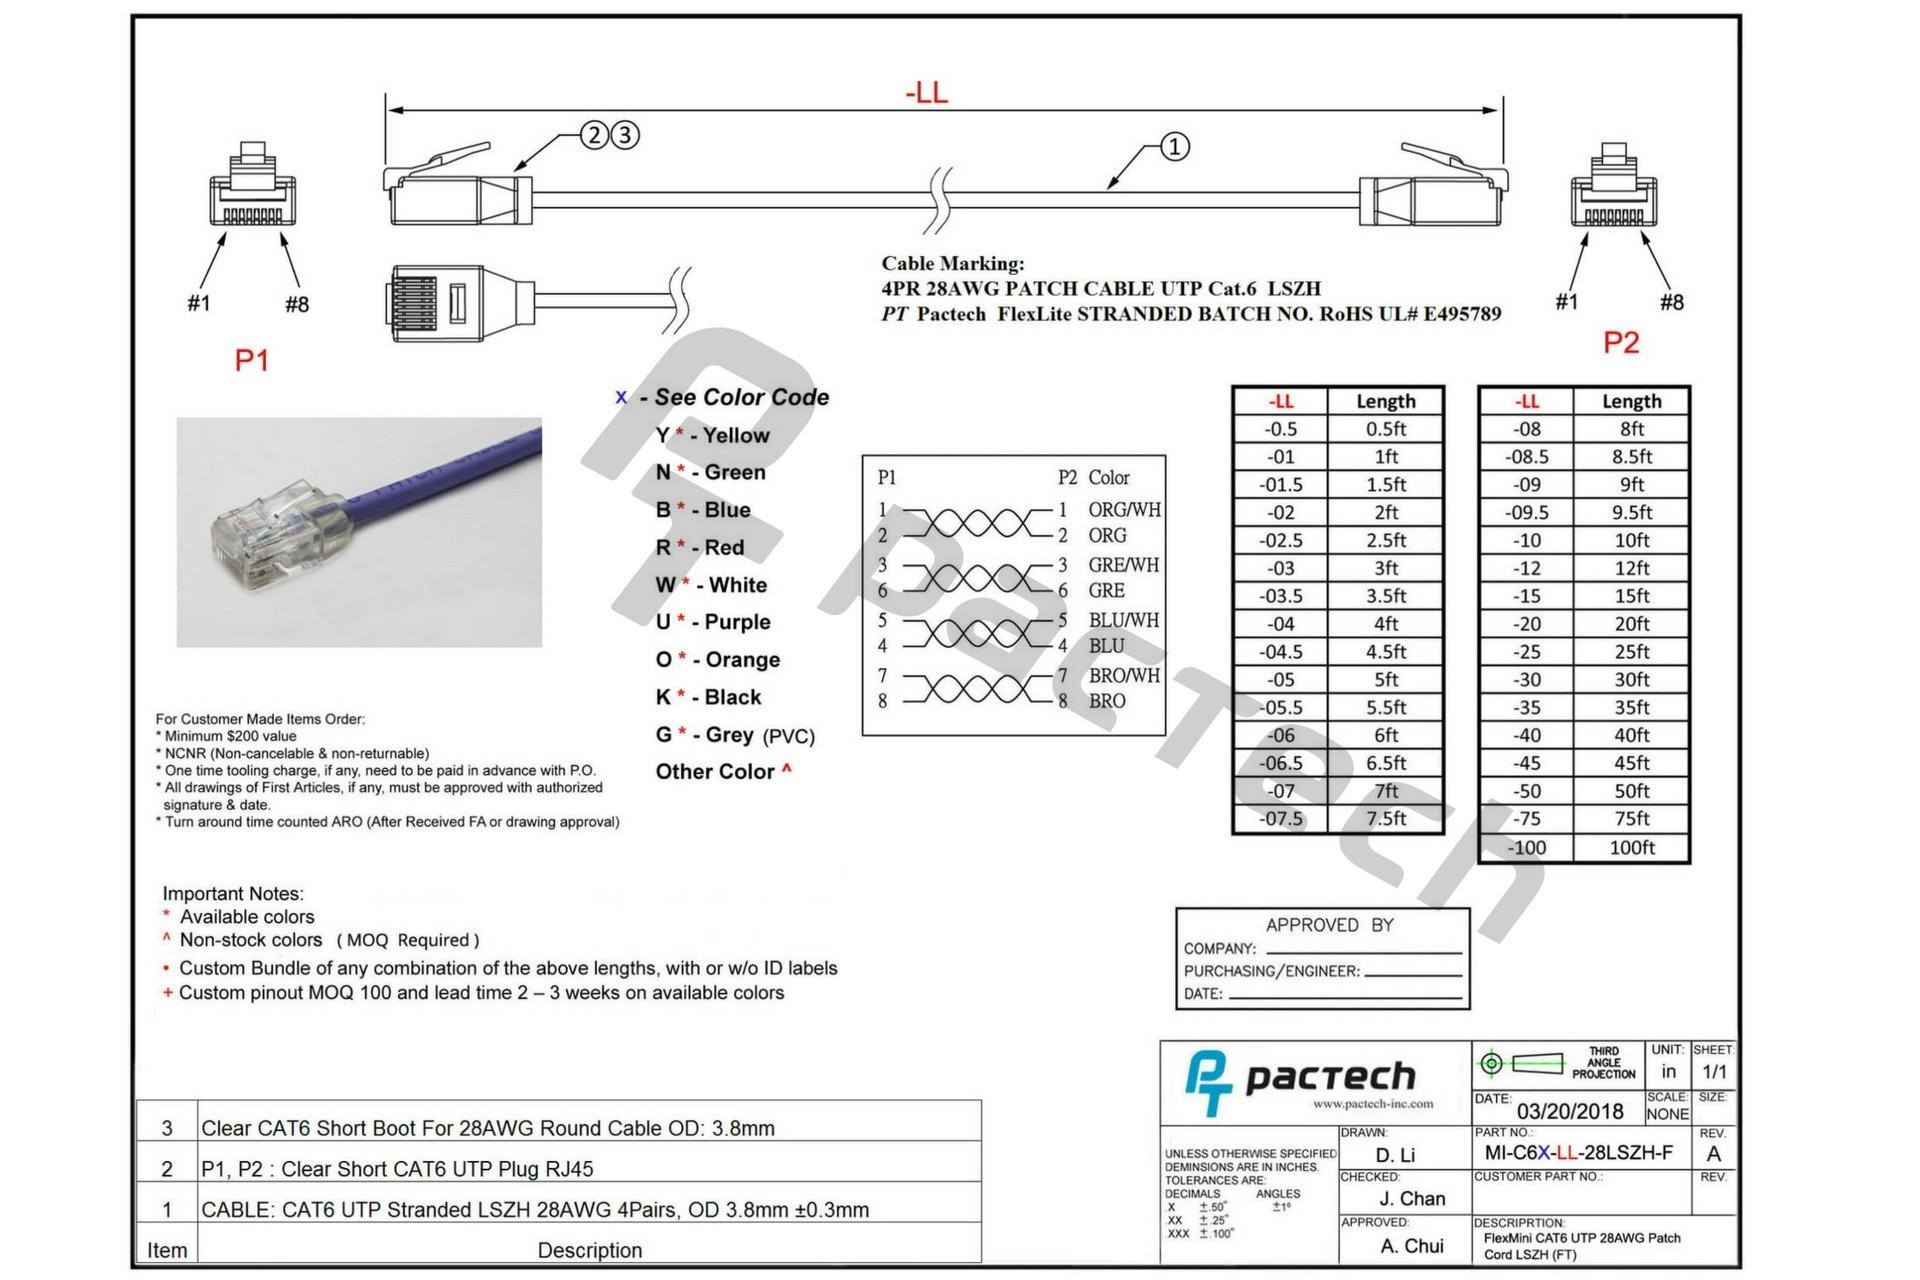 04 60 wiring diagram wc 6667  04 ford f 350 ficm wiring diagram free diagram  ford f 350 ficm wiring diagram